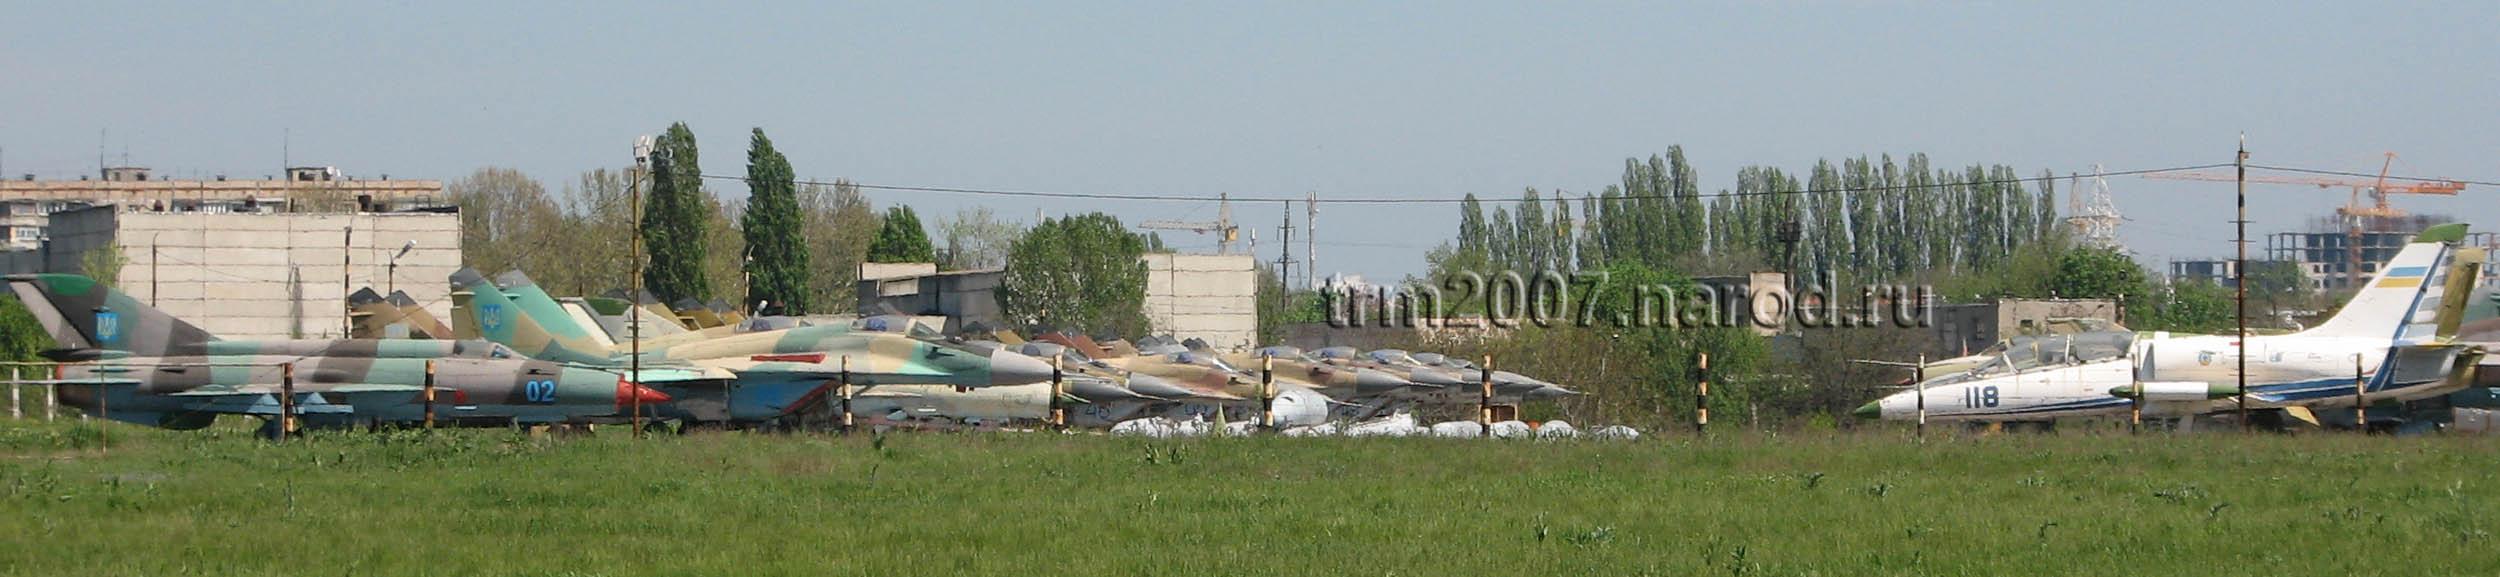 Л-39, МИГ-21, МИГ-25, МИГ-29, СУ-27 на Одесском Школьном аэродроме